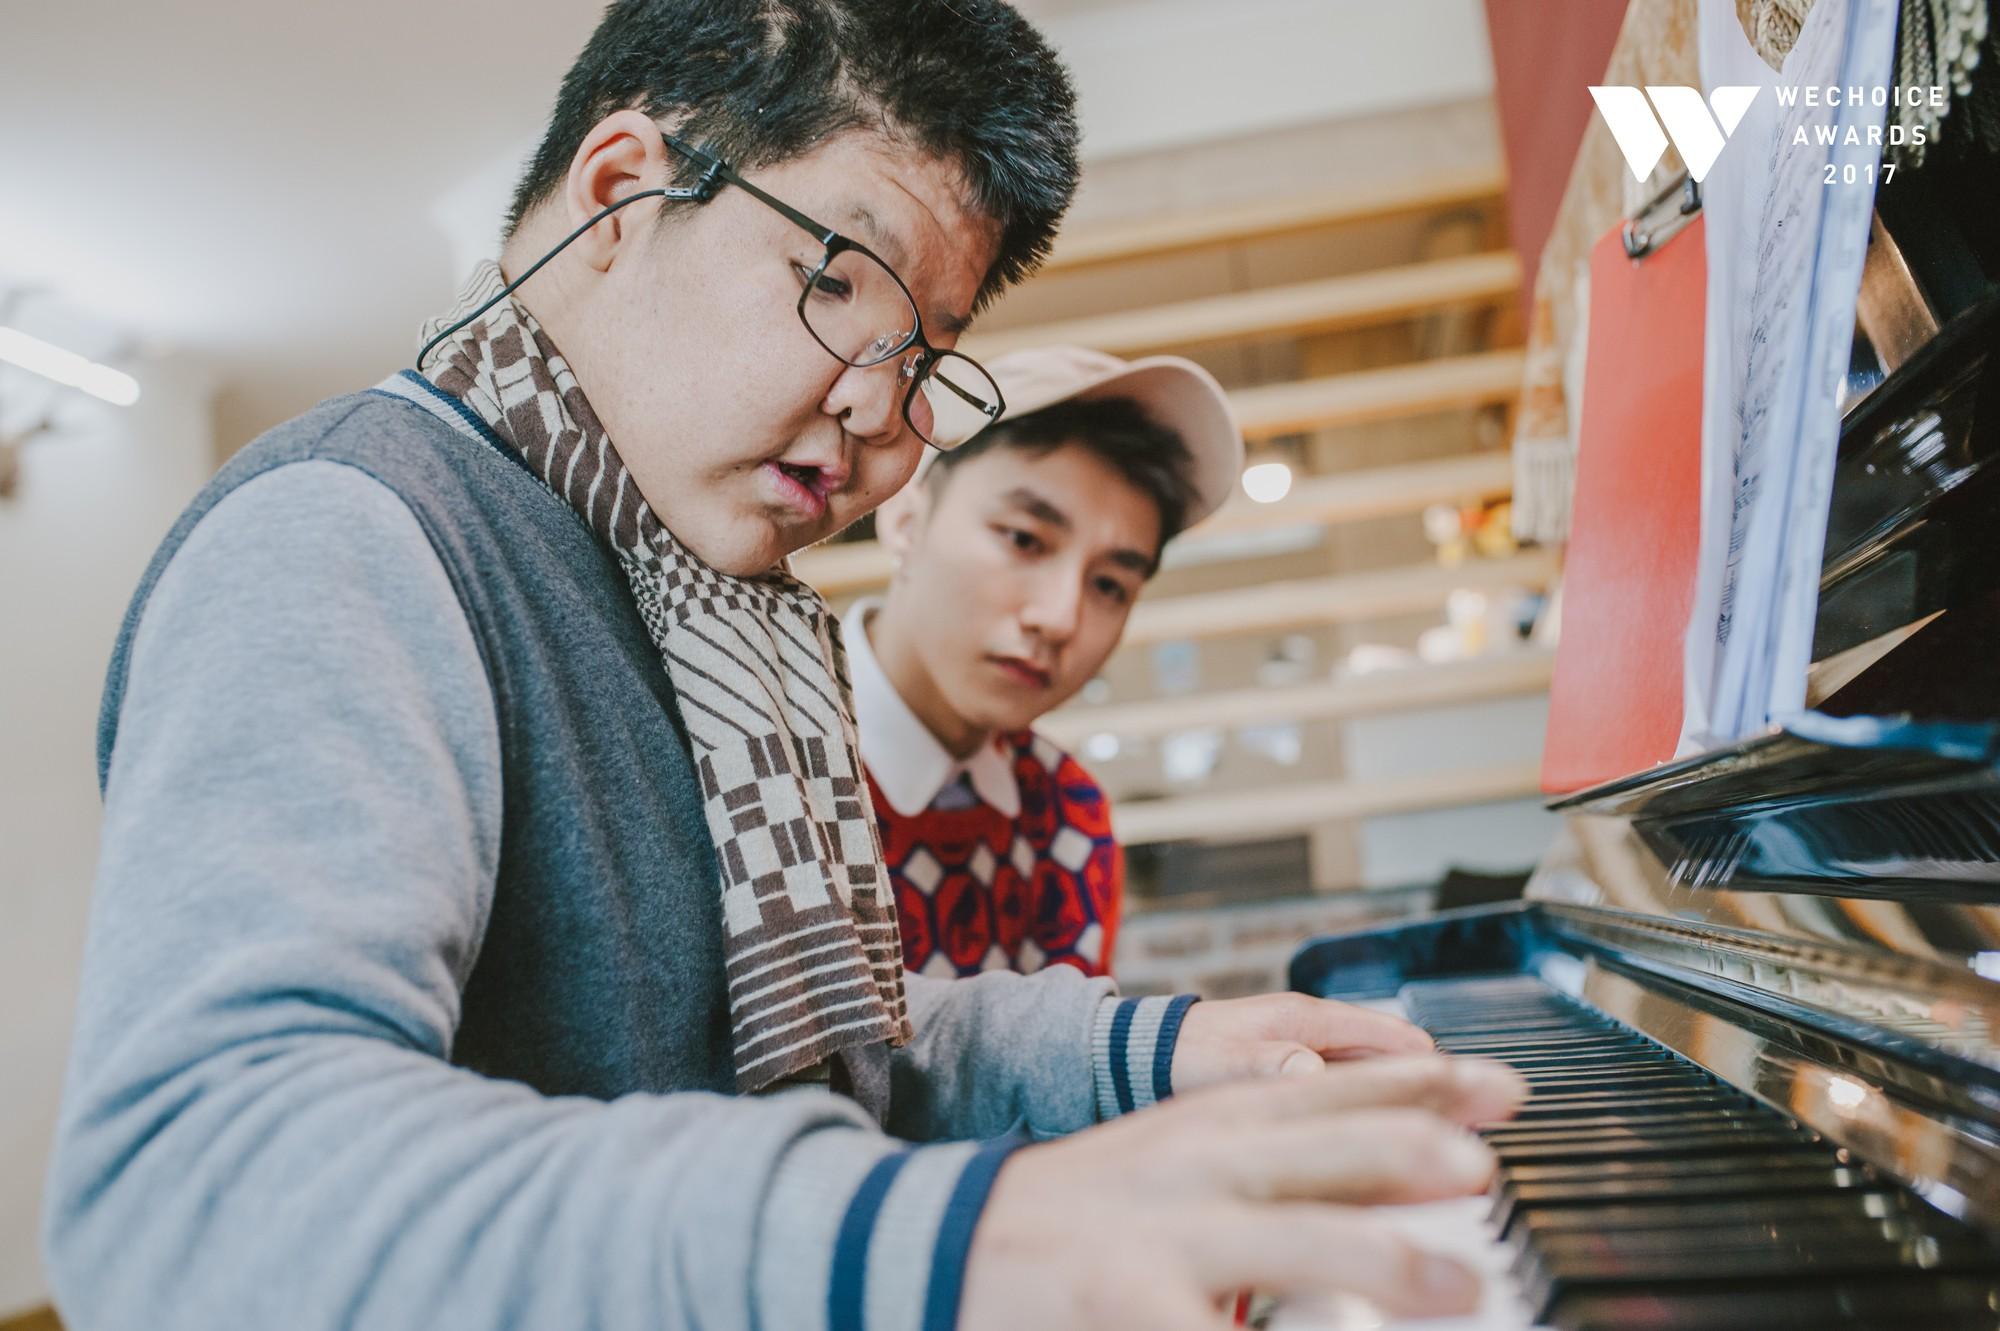 Khoảnh khắc đẹp: Sơn Tùng và bé Bôm hoà chung đam mê qua tiếng đàn, tập luyện cho sân khấu đặc biệt Gala WeChoice Awards 2017 - Ảnh 20.